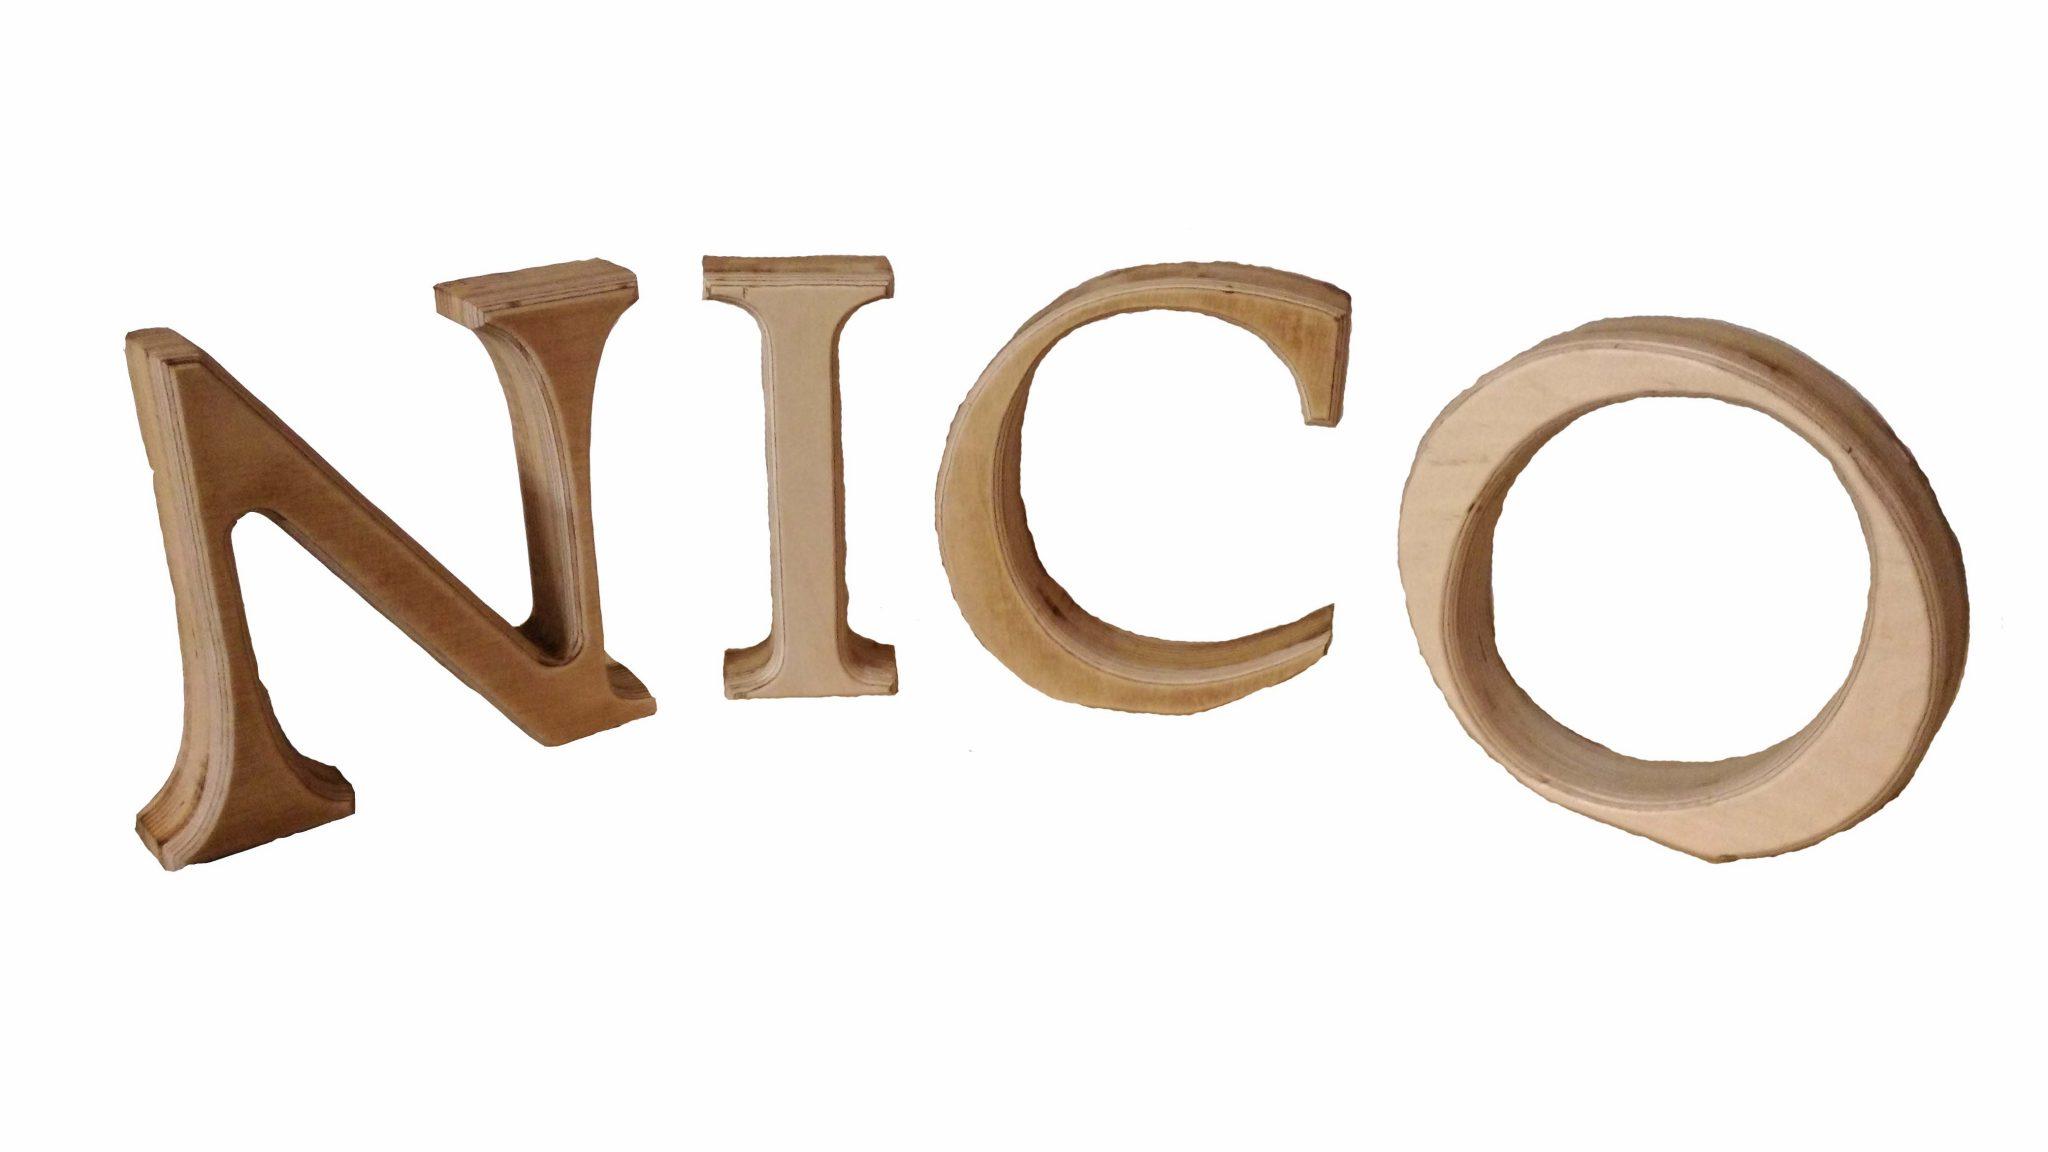 Dekobuchstabe Holzbuchstabe zum Aufstellen 15cm hoch aus Holz Buche ...